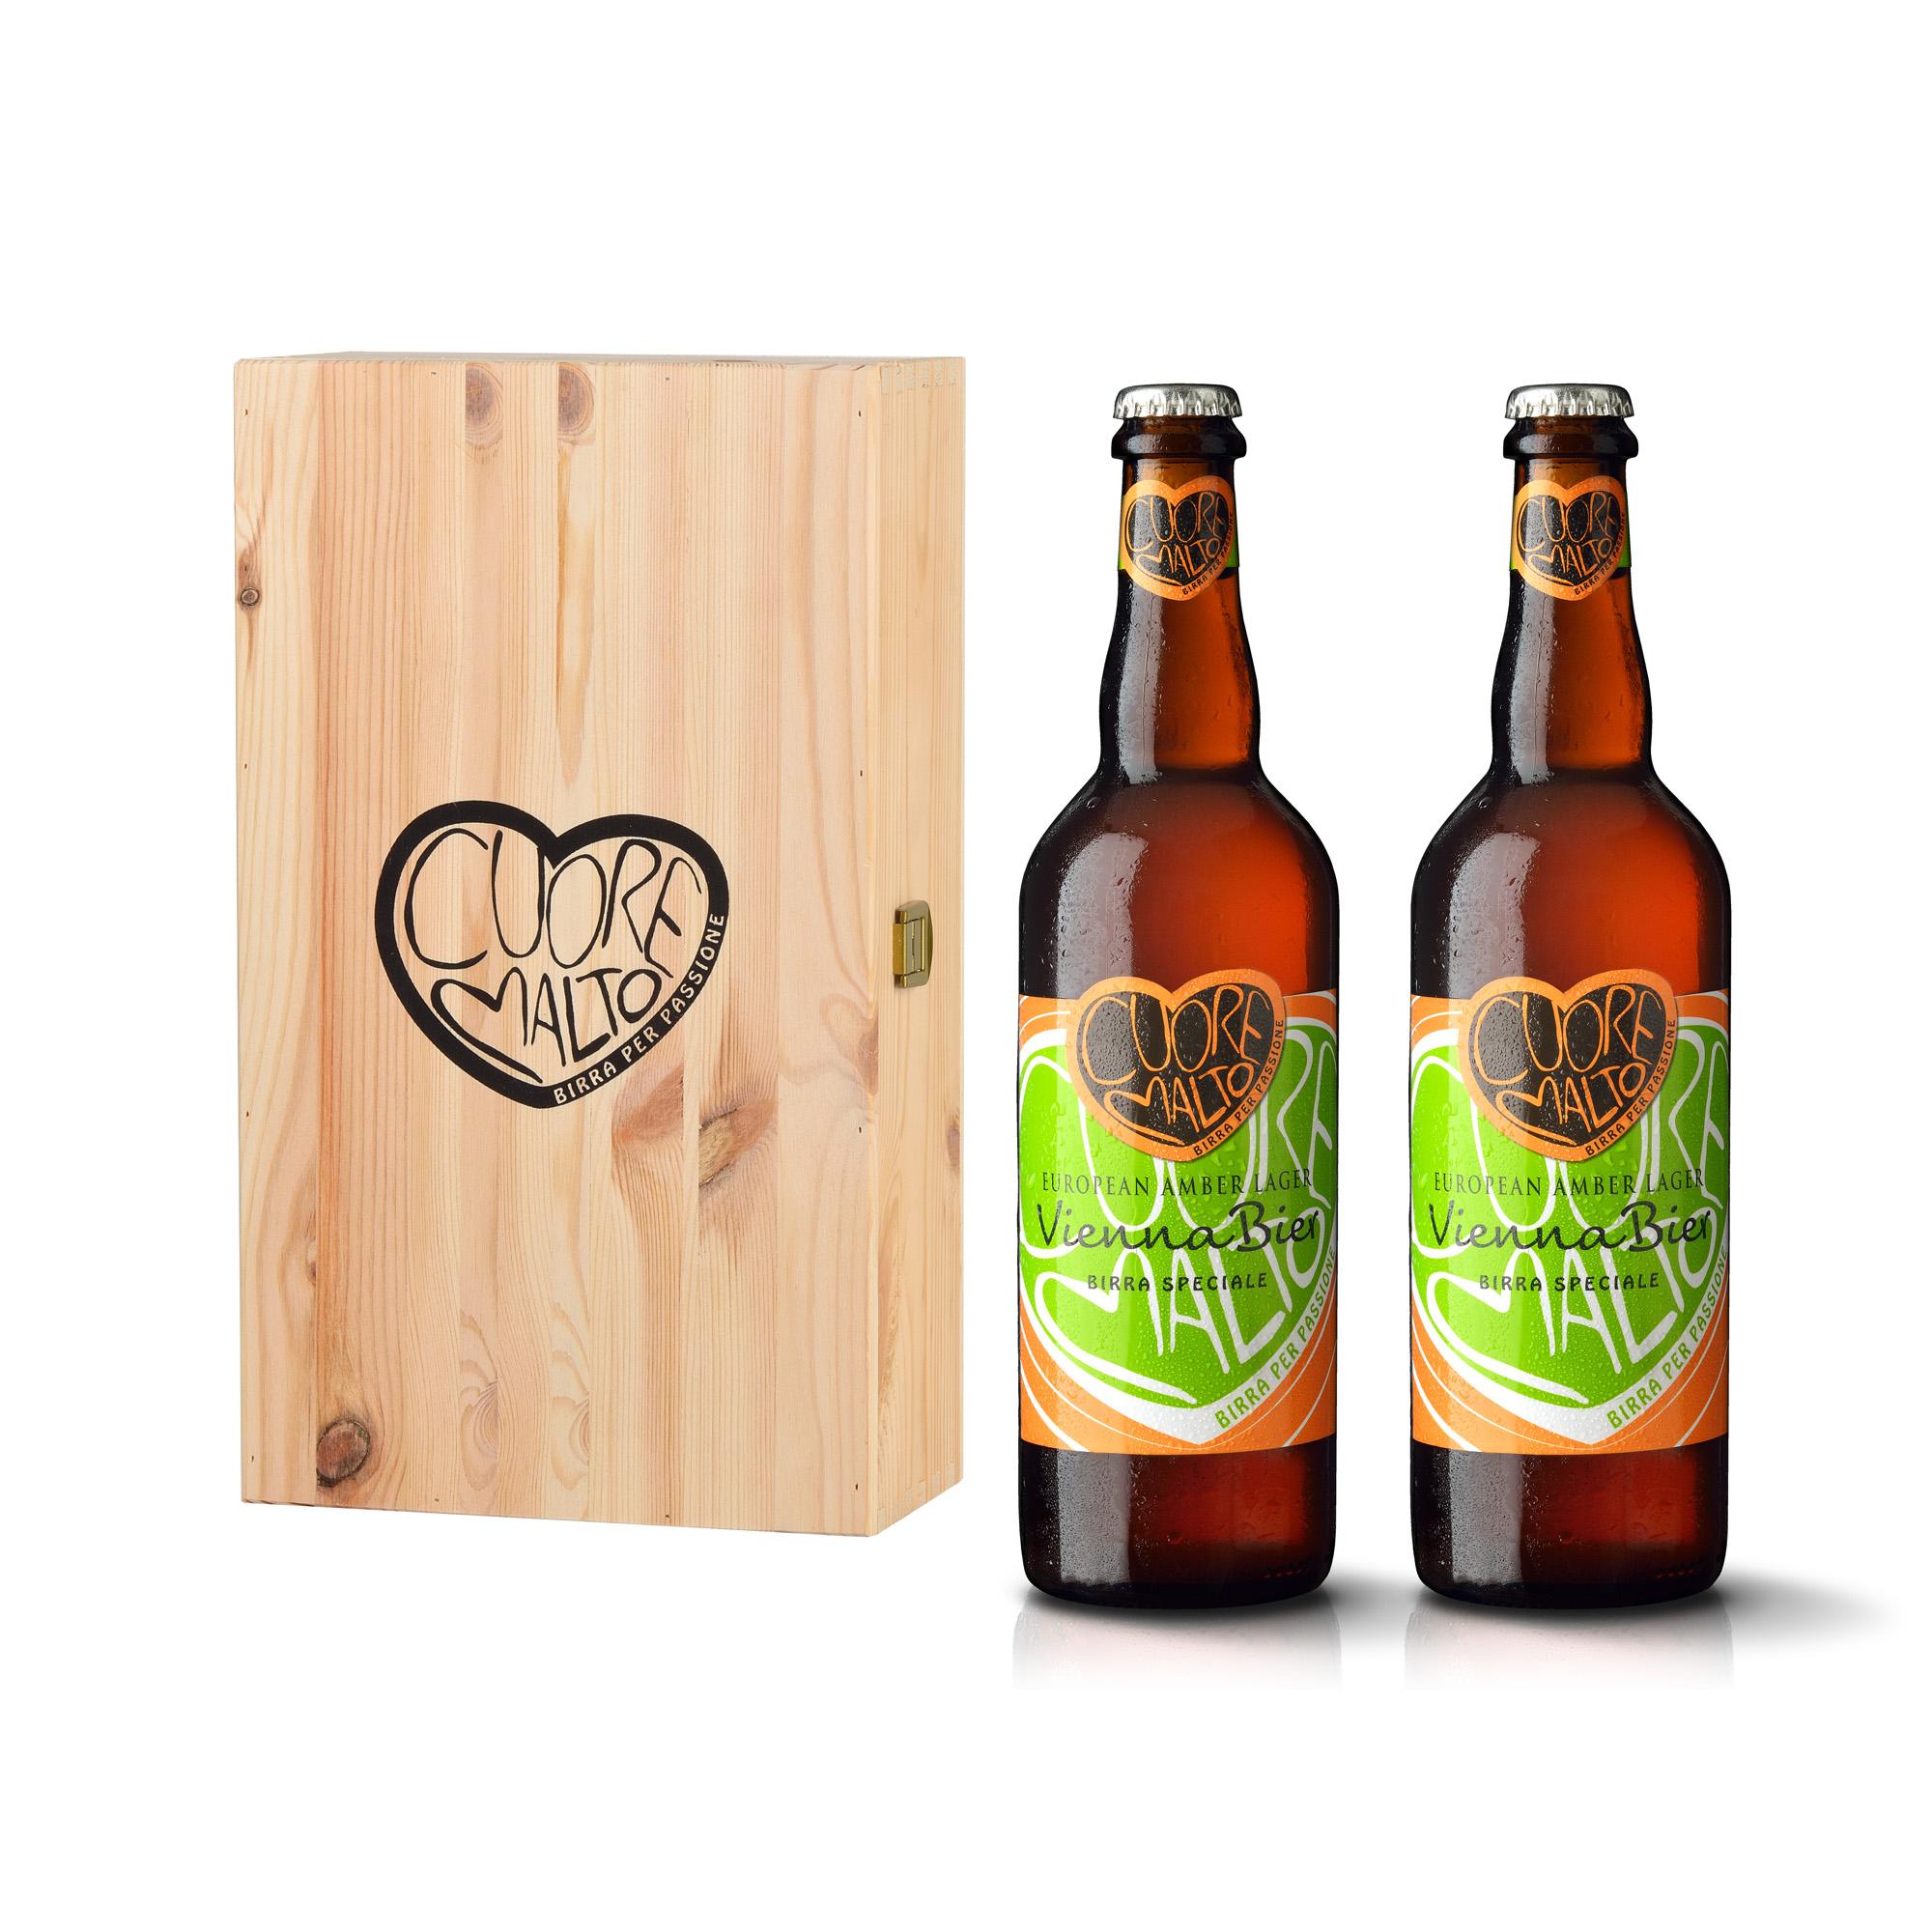 Cofanetto in legno da 2 bottiglie